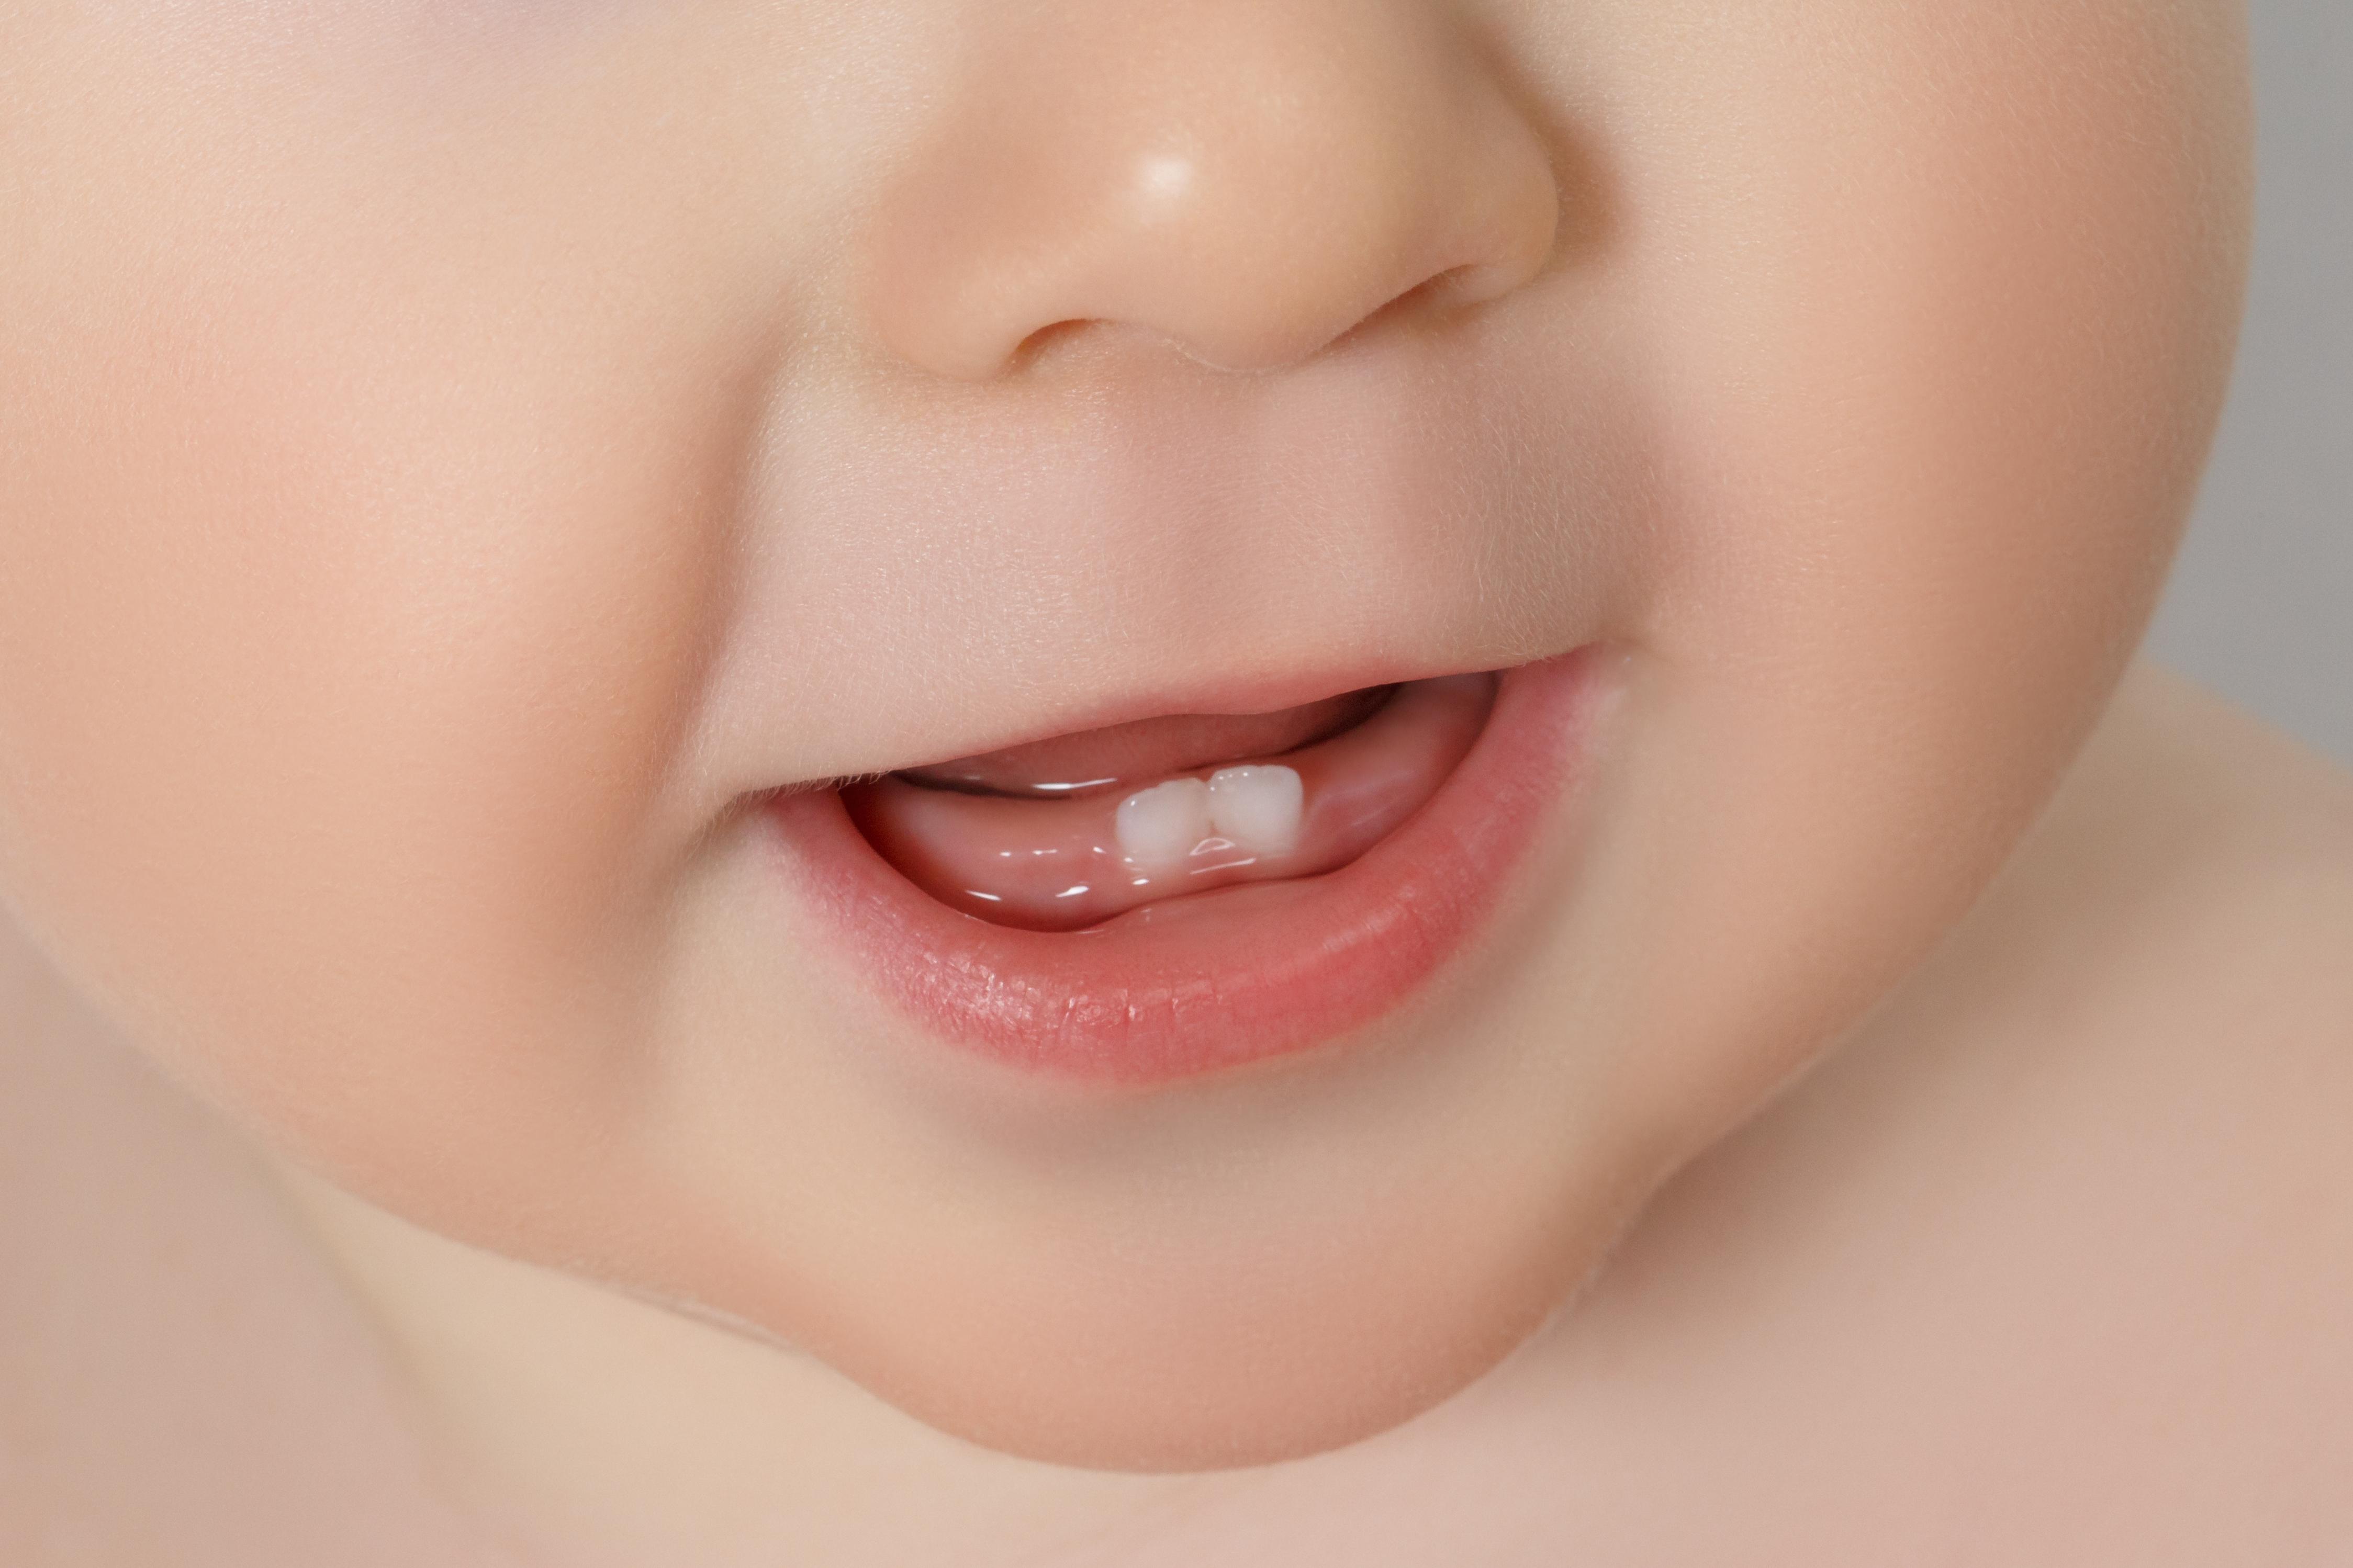 Когда у недоношенных детей должны начать прорезываться зубы?